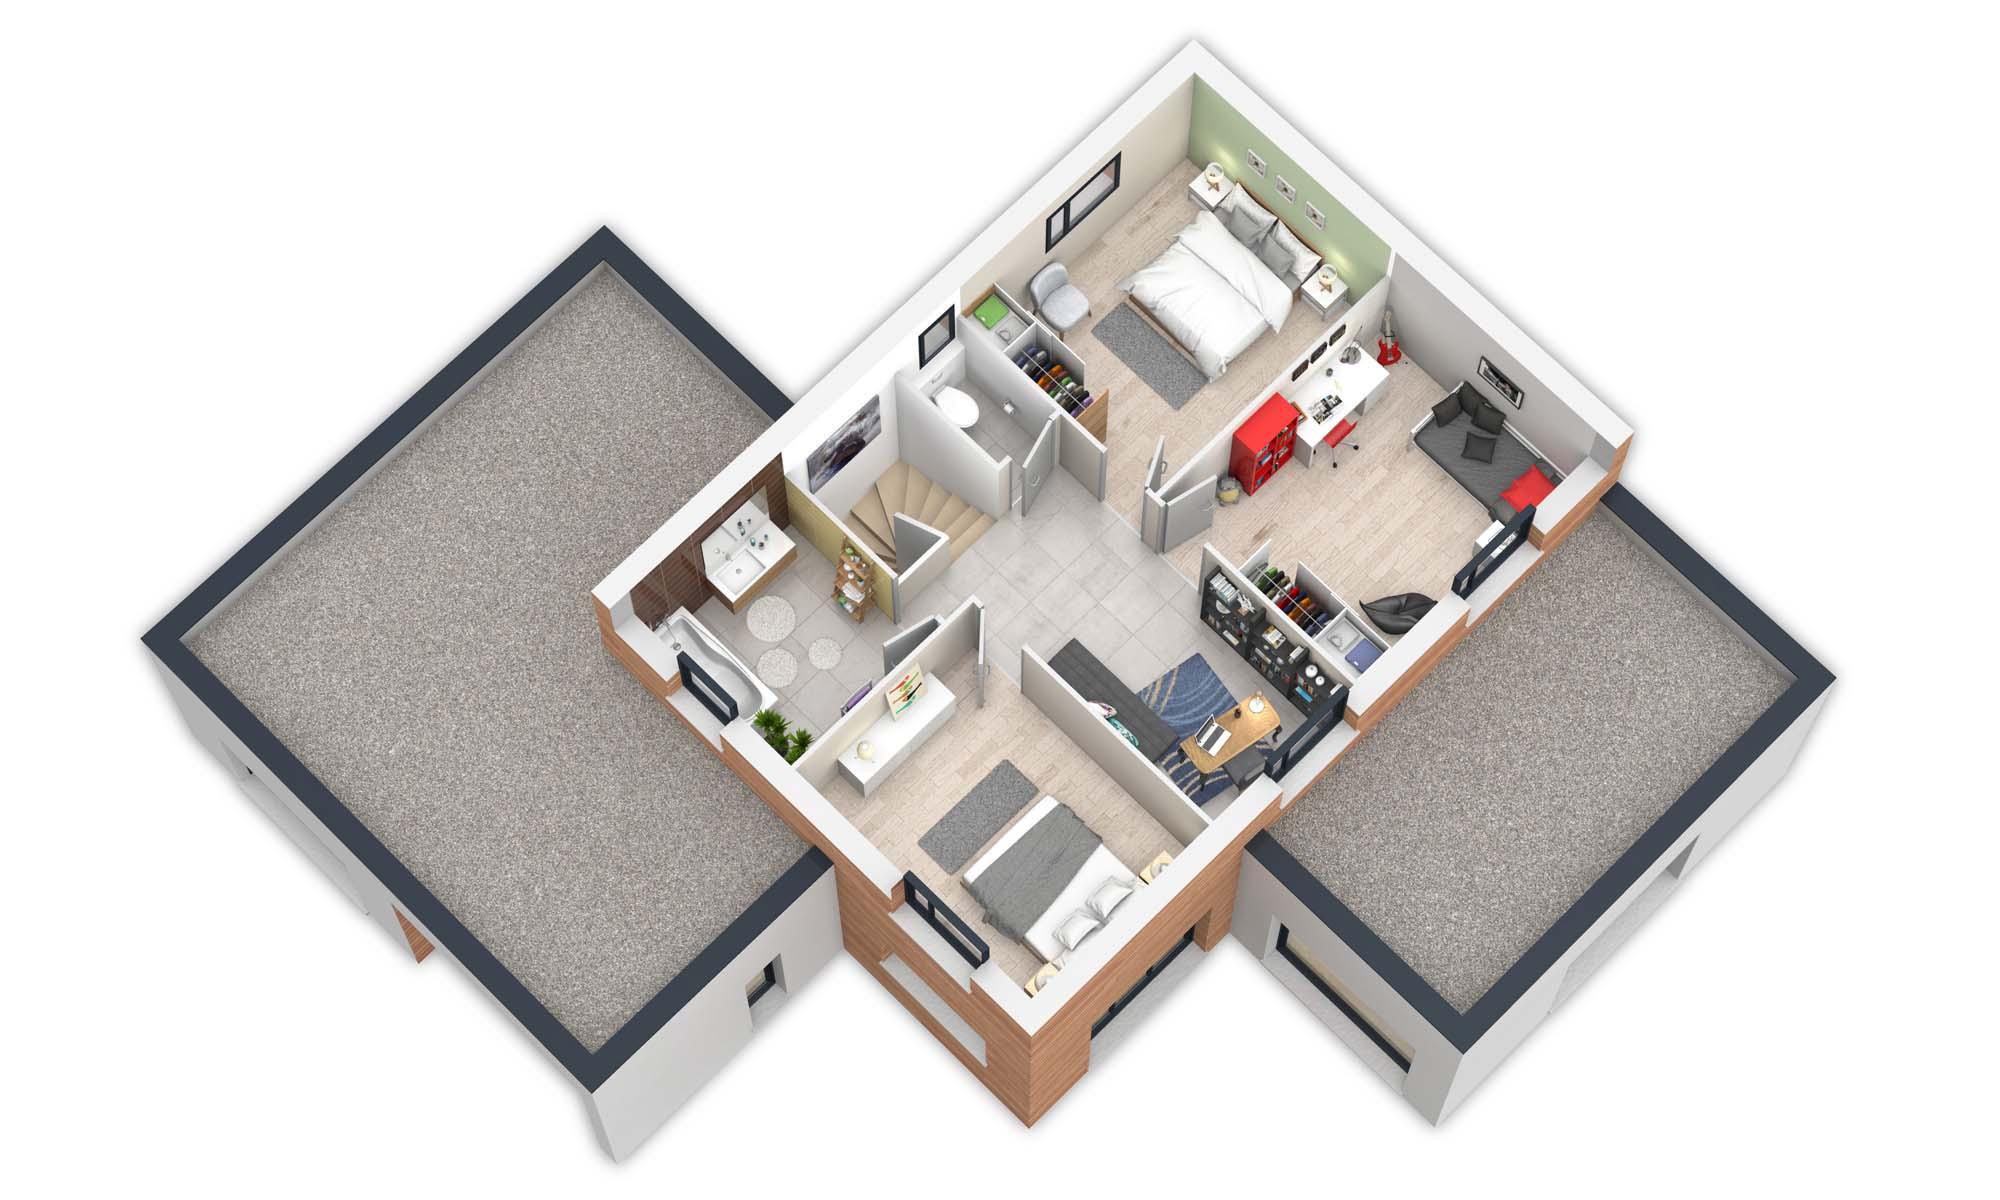 plan etage maisons BEPOS Natilia